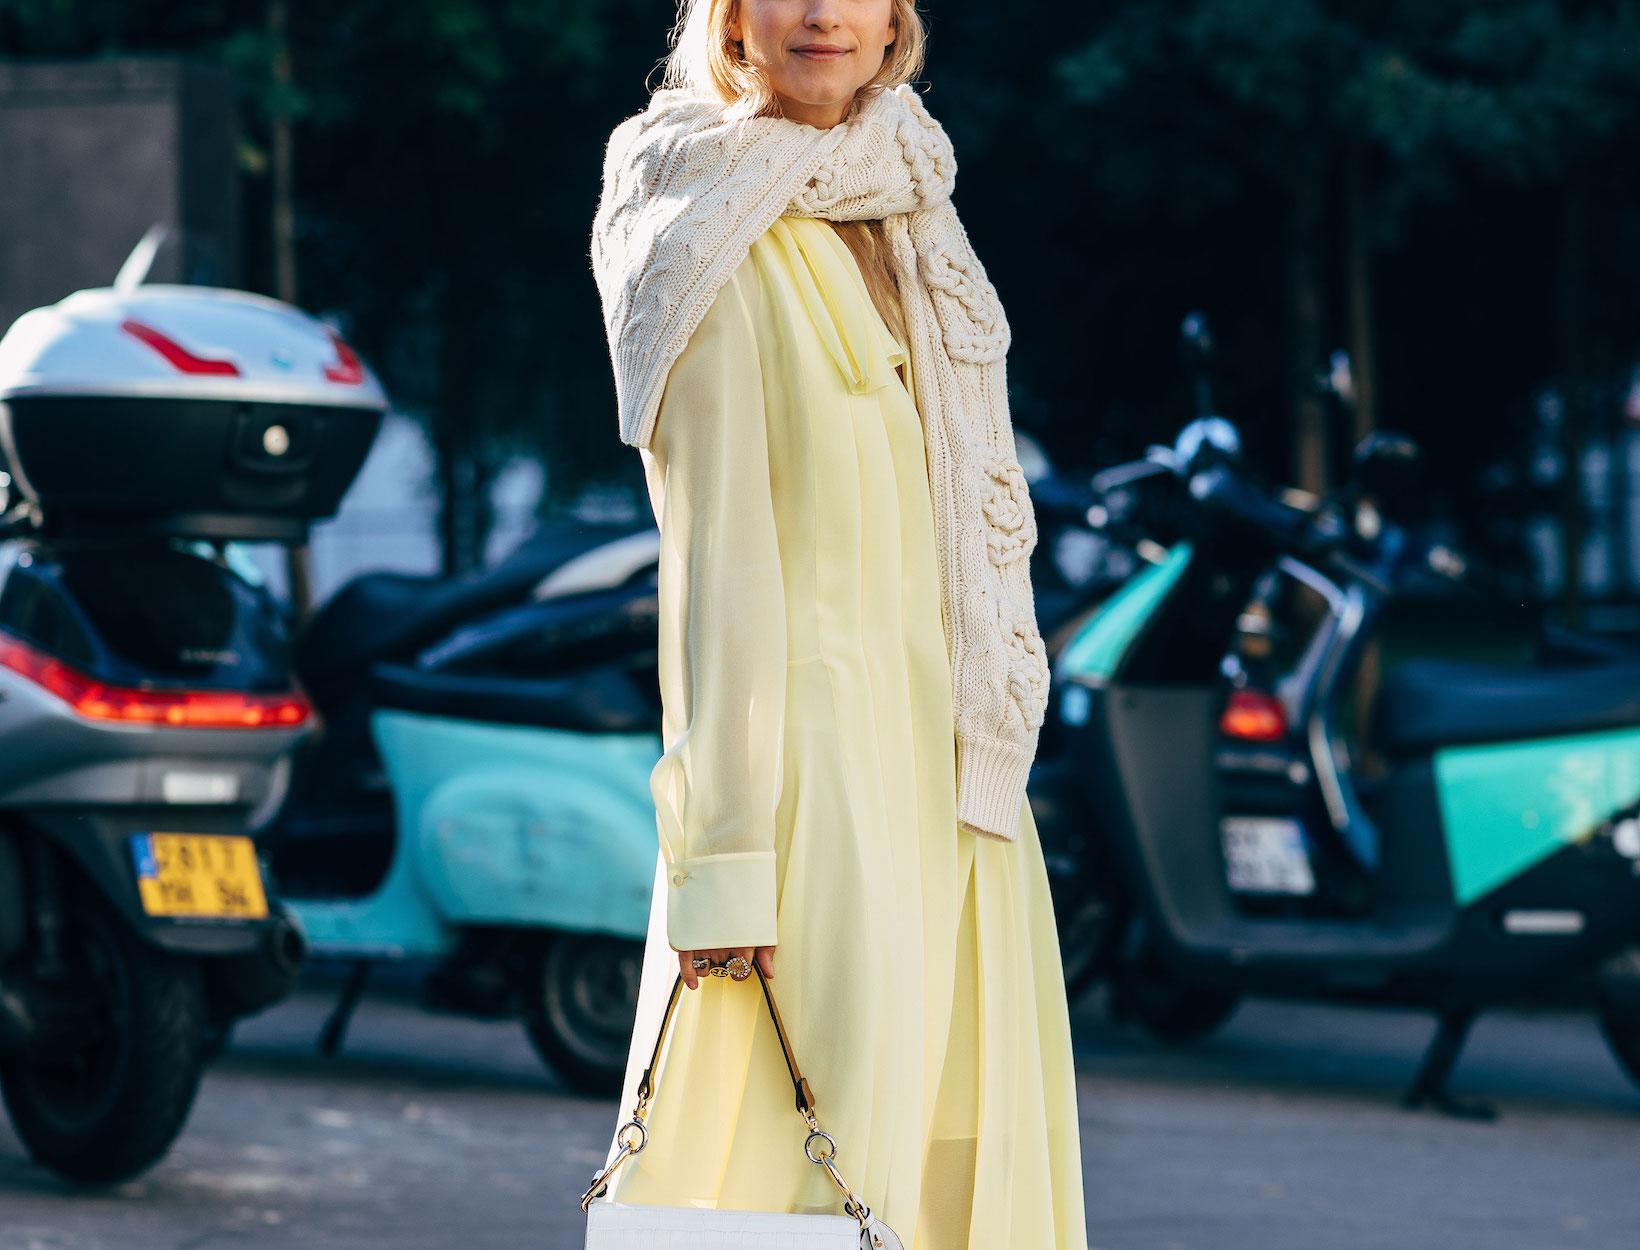 woman wearing a yellow dress